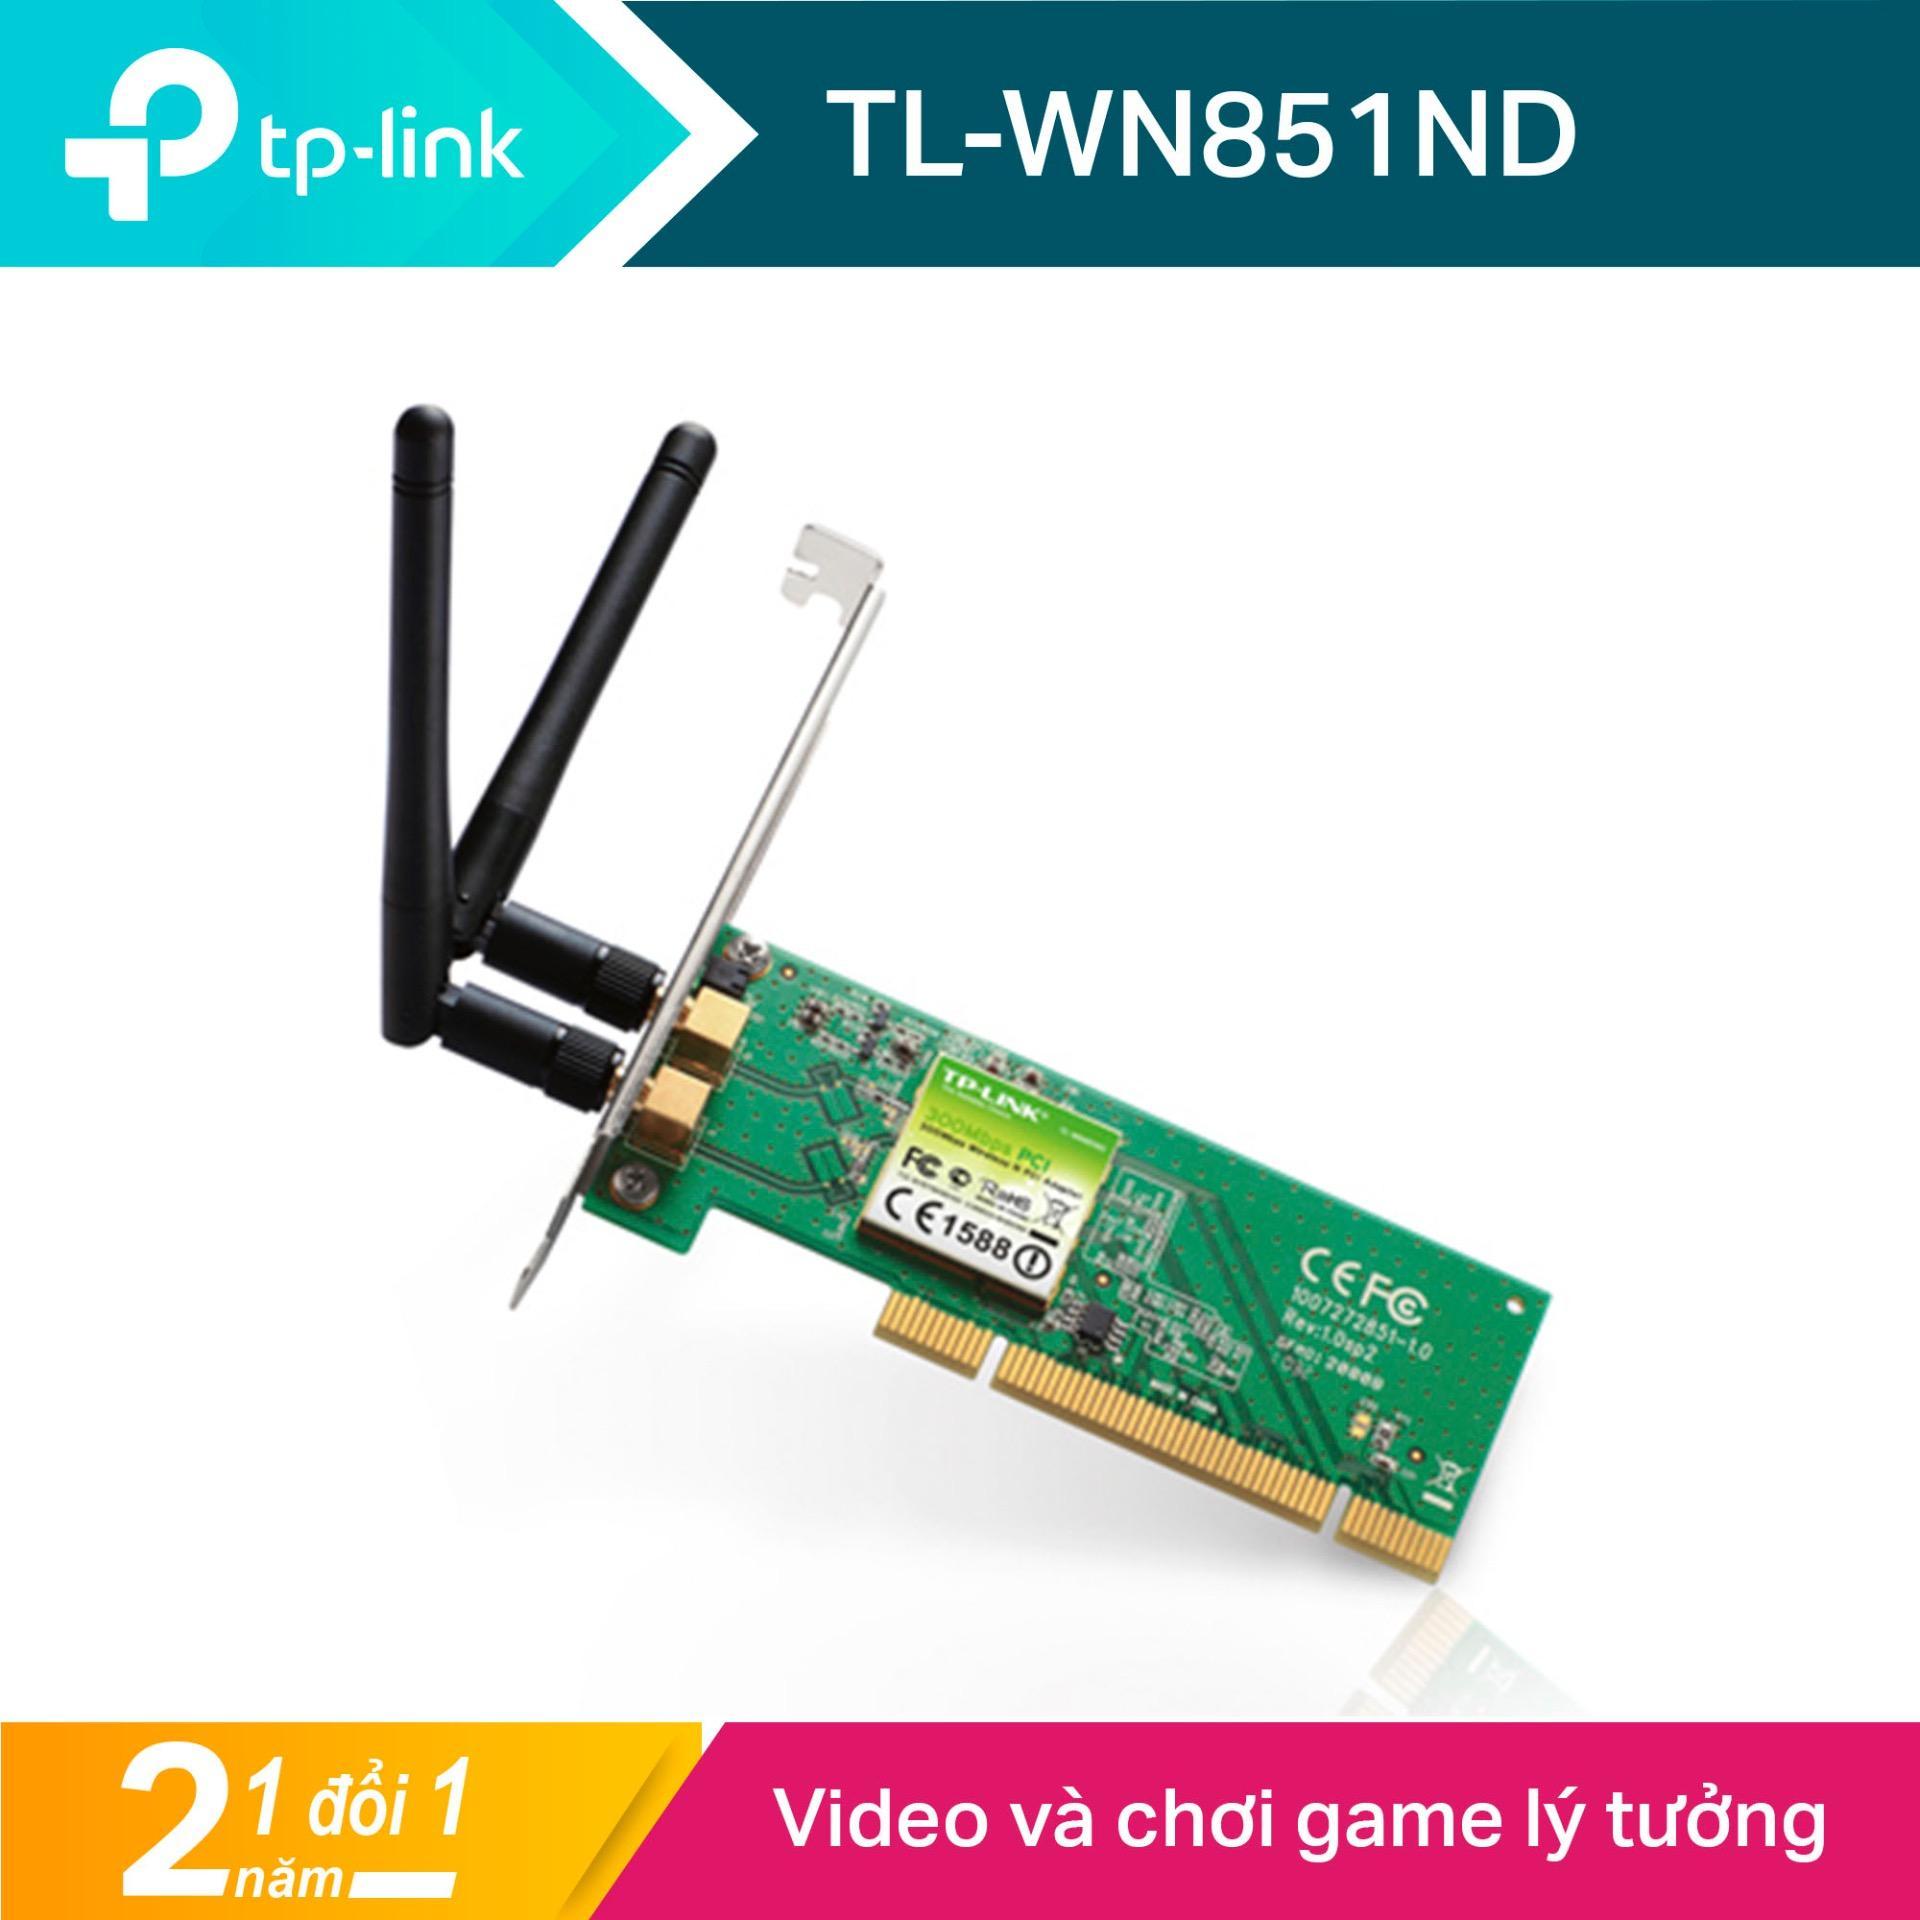 TP-Link Card mạng PCI Wi-Fi Chuẩn N 300Mbps- TL-WN851ND -Hãng phân phối chính thức